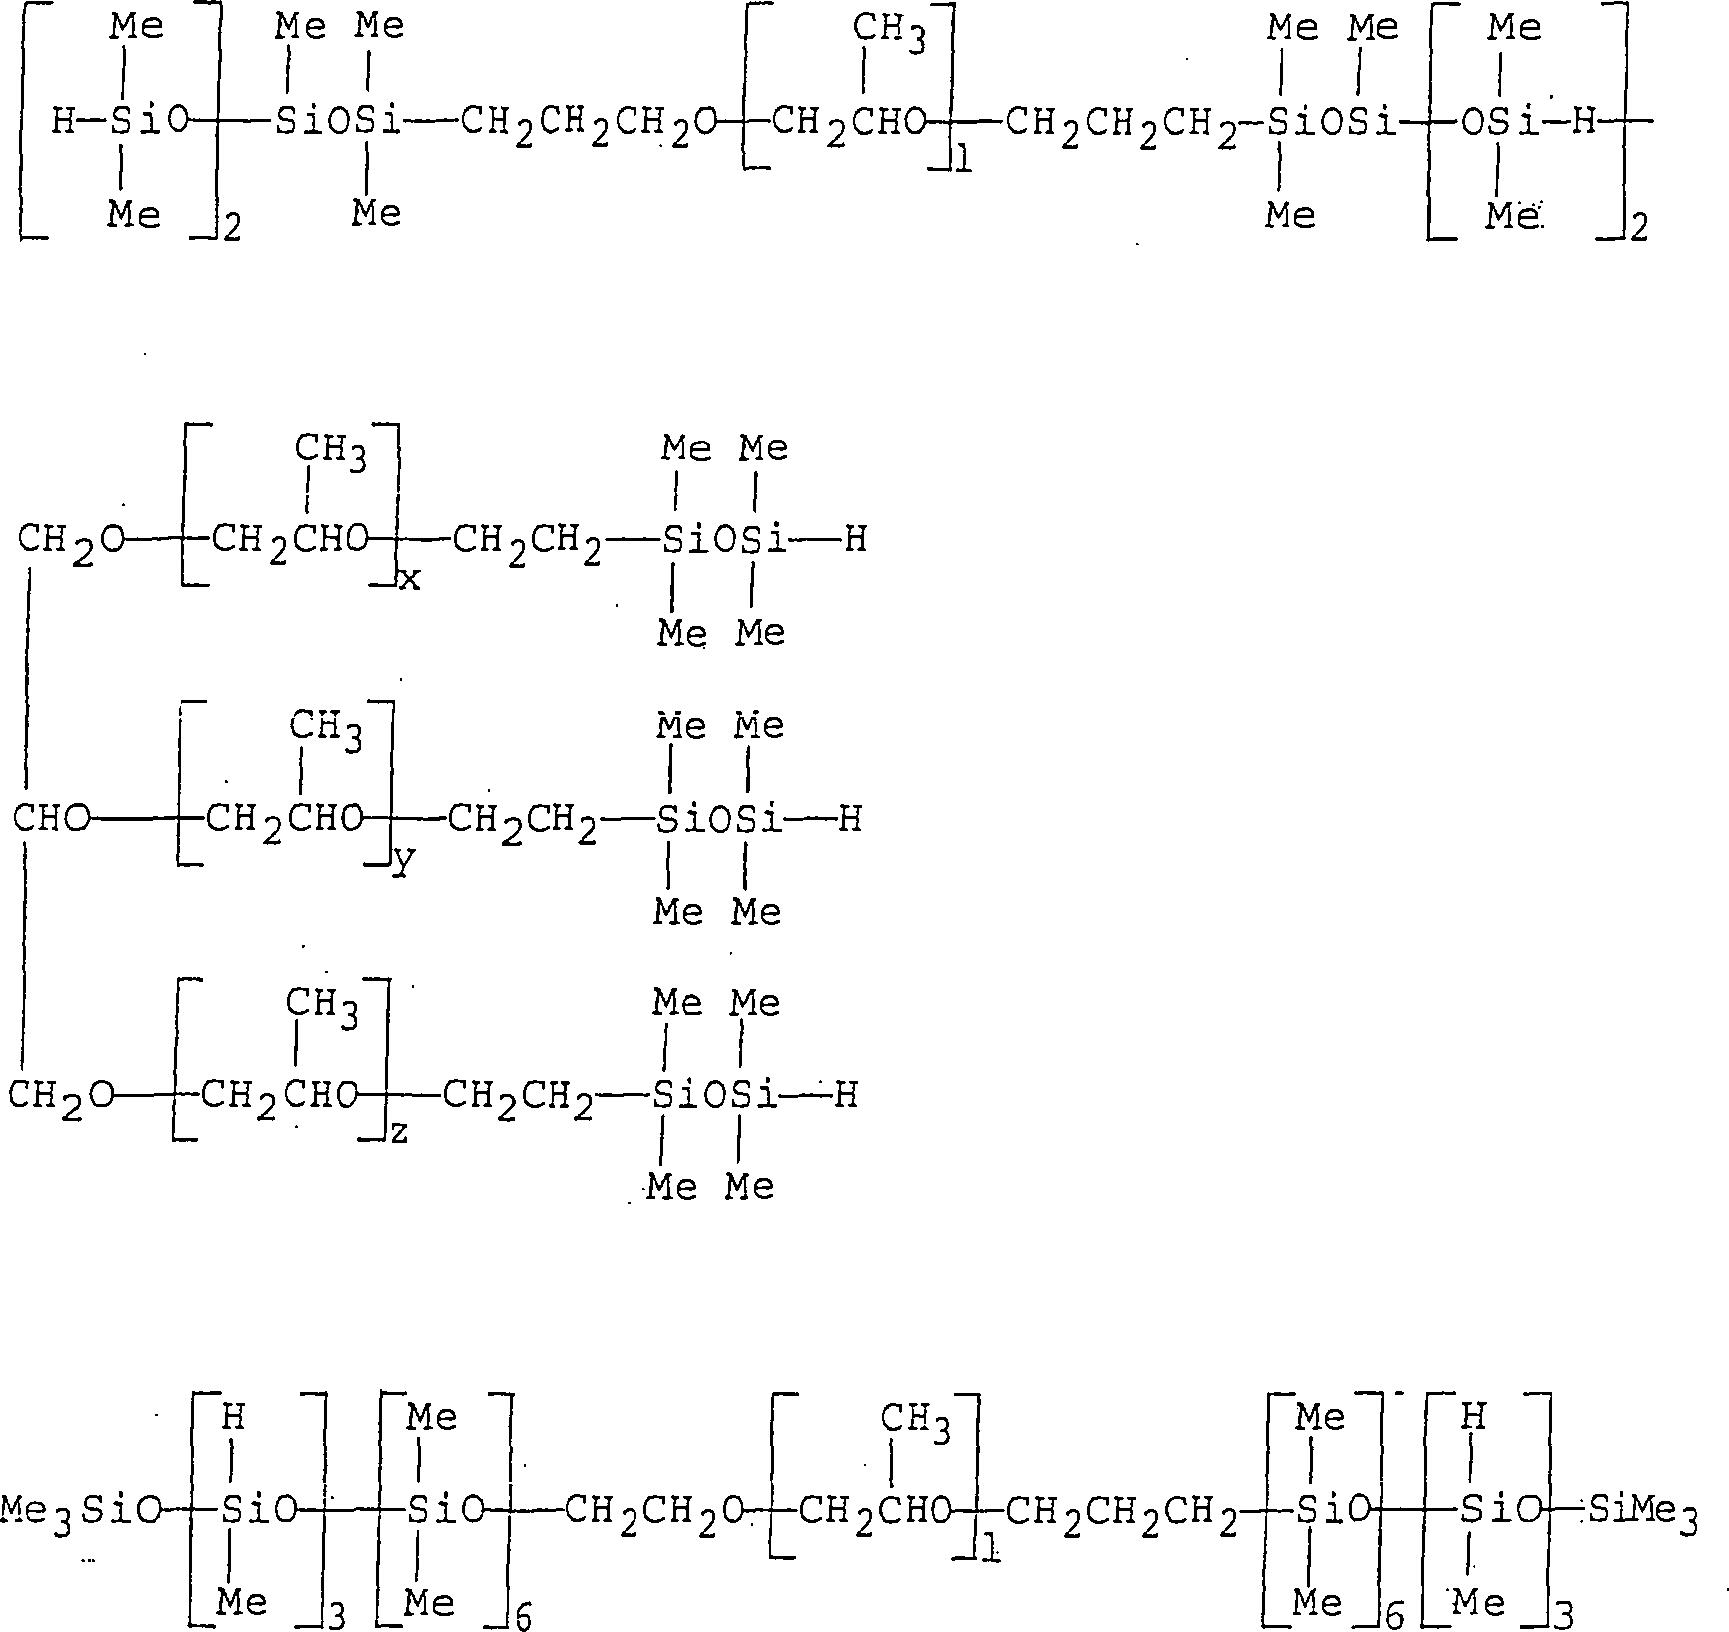 Figure DE000019719438C5_0038